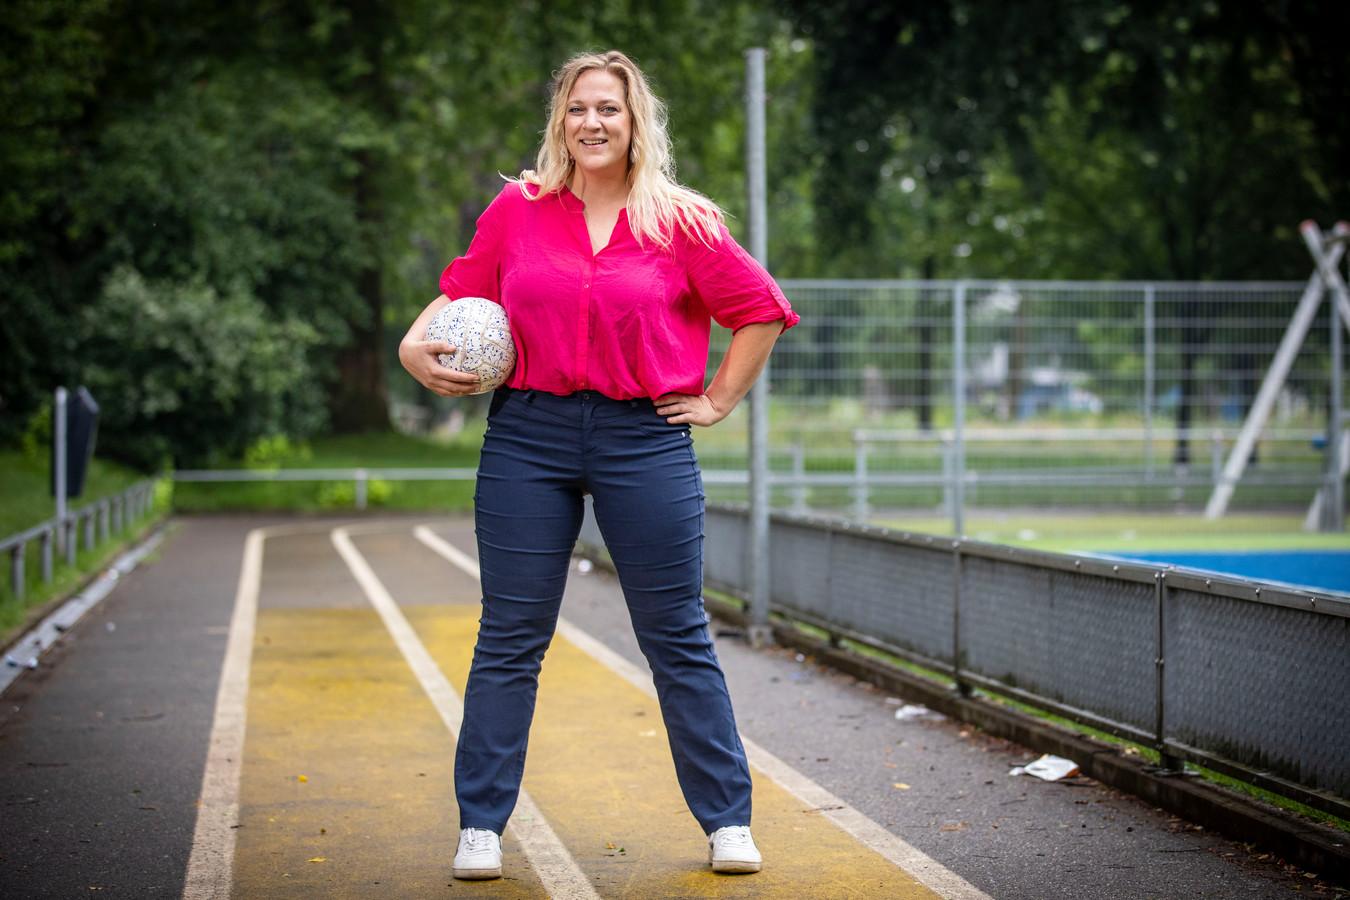 TT-2021-10340 - OLDENZAAL - Interview sportcoach Impuls Francisca van de Schilde. EDITIE: OL FOTO: Robin Hilberink RH20210713